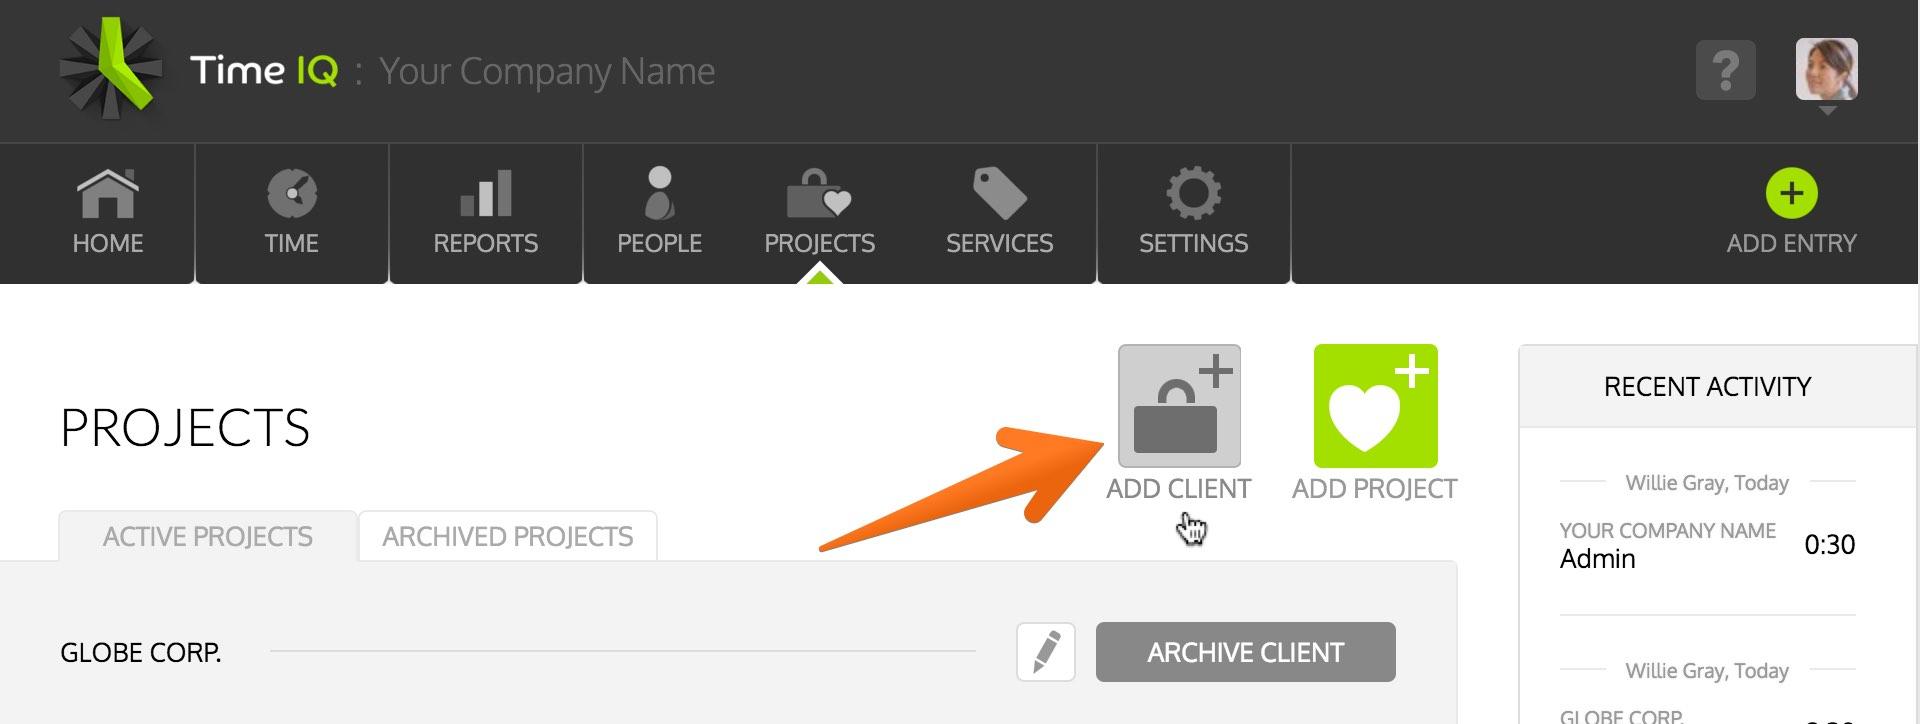 client_02_click_add_client